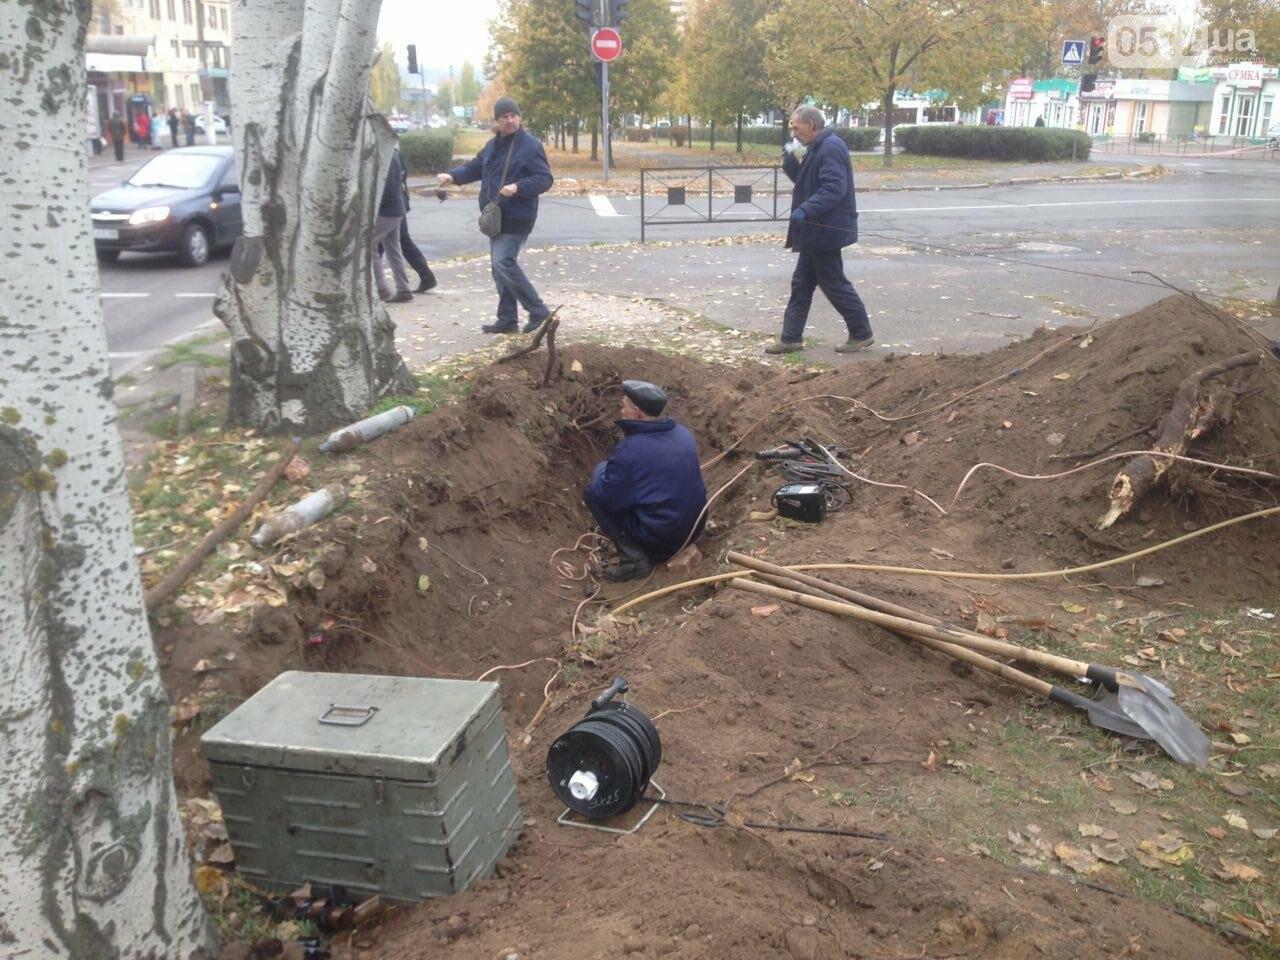 Сотрудники трамвайно-троллейбусного депо устанавливают высоковольтный кабель в центре Николаева, - ФОТО, фото-4